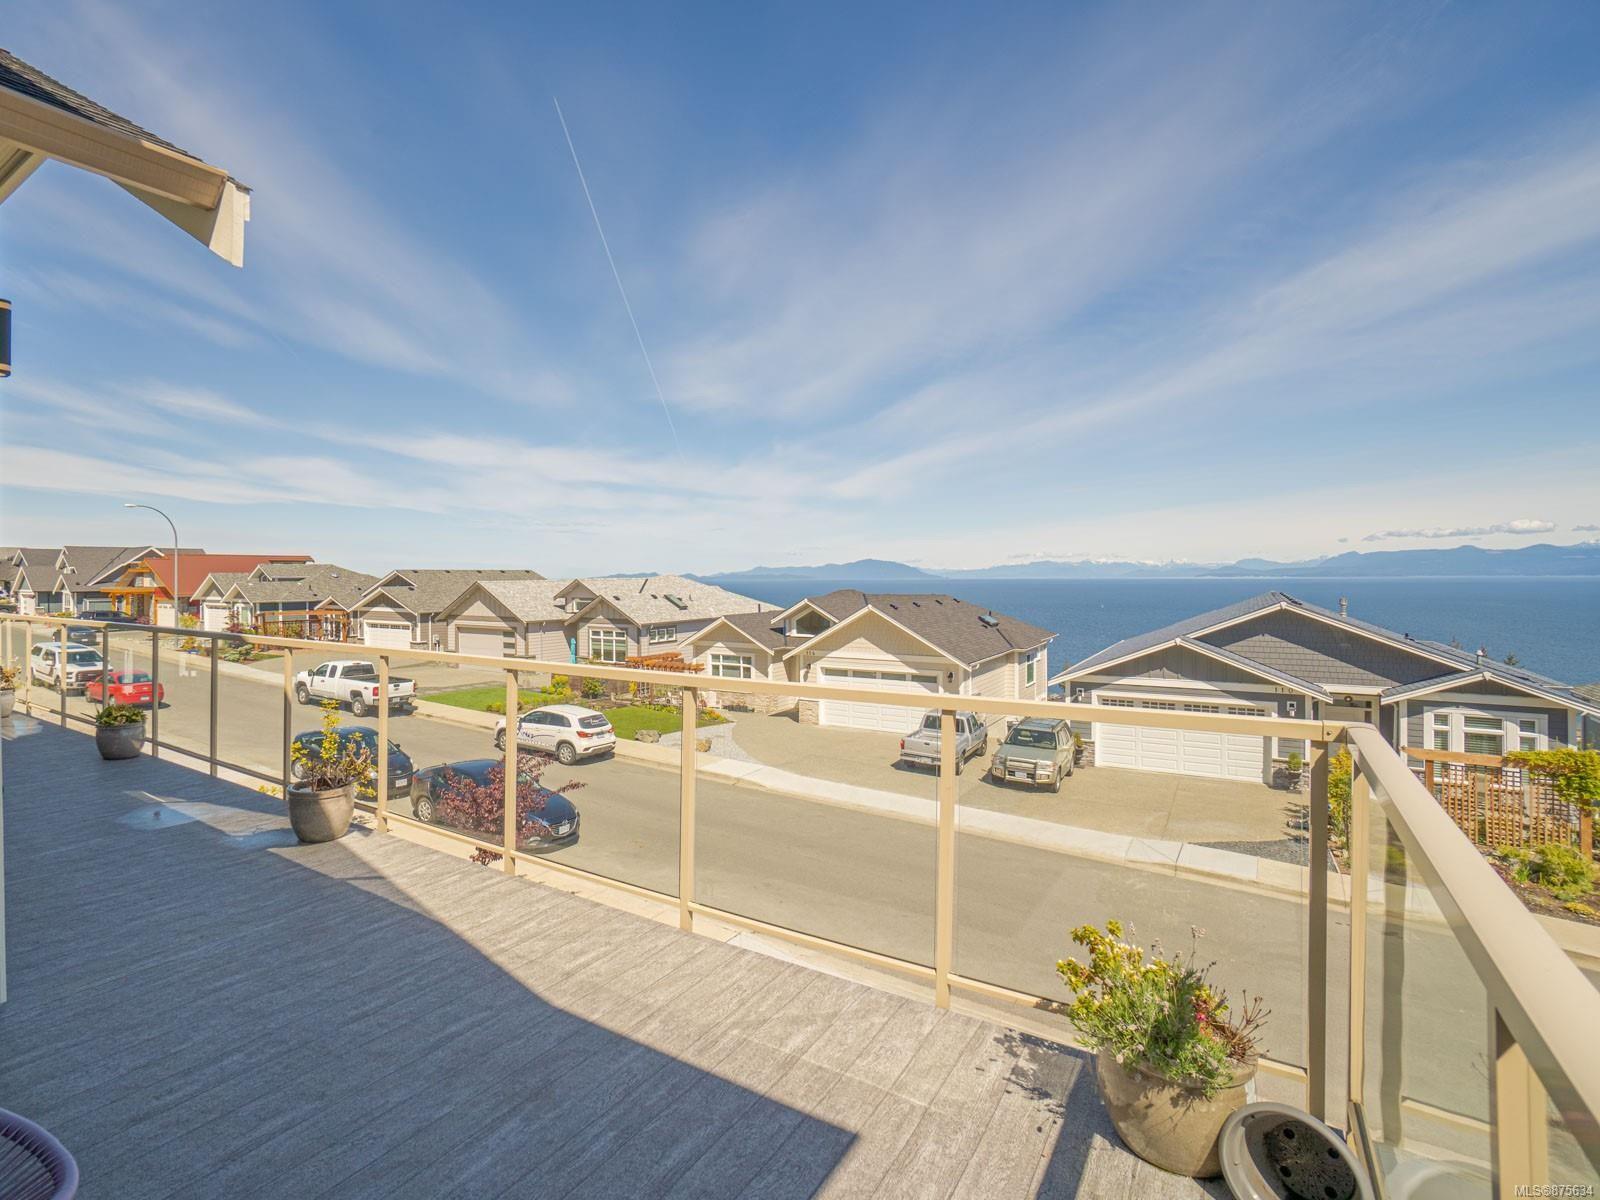 Main Photo: 125 Royal Pacific Way in : Na North Nanaimo House for sale (Nanaimo)  : MLS®# 875634